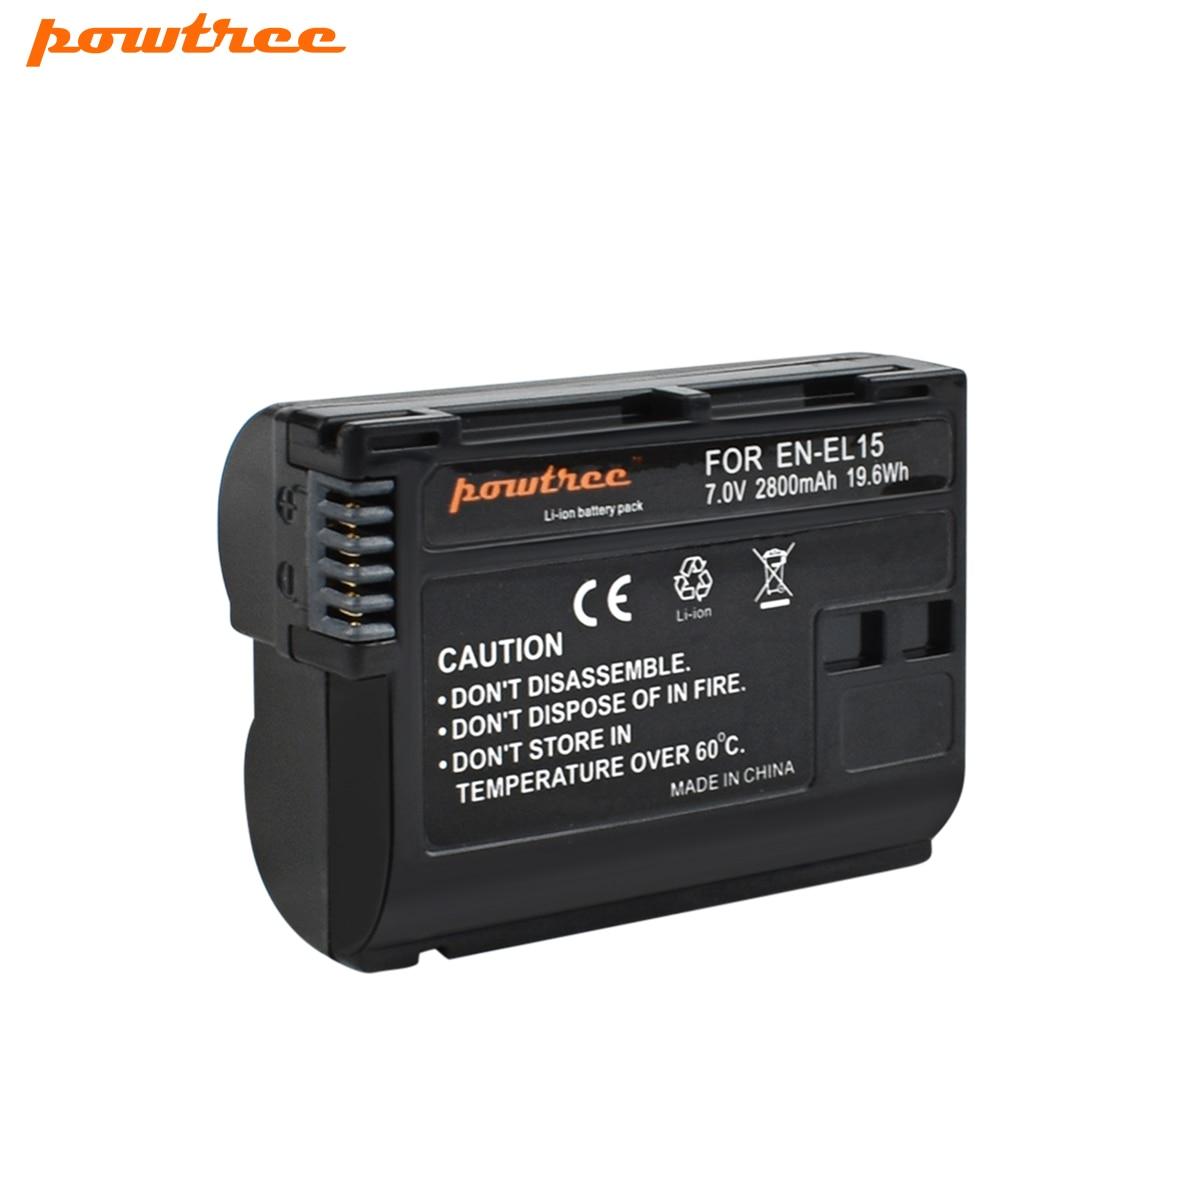 1 Pack EN-EL15 ENEL15 EN EL15 Camera Battery for Nikon D500,D600,D610,D750,D7000,D7100,D7200,D800,D850,D810AA&1 L40 цена